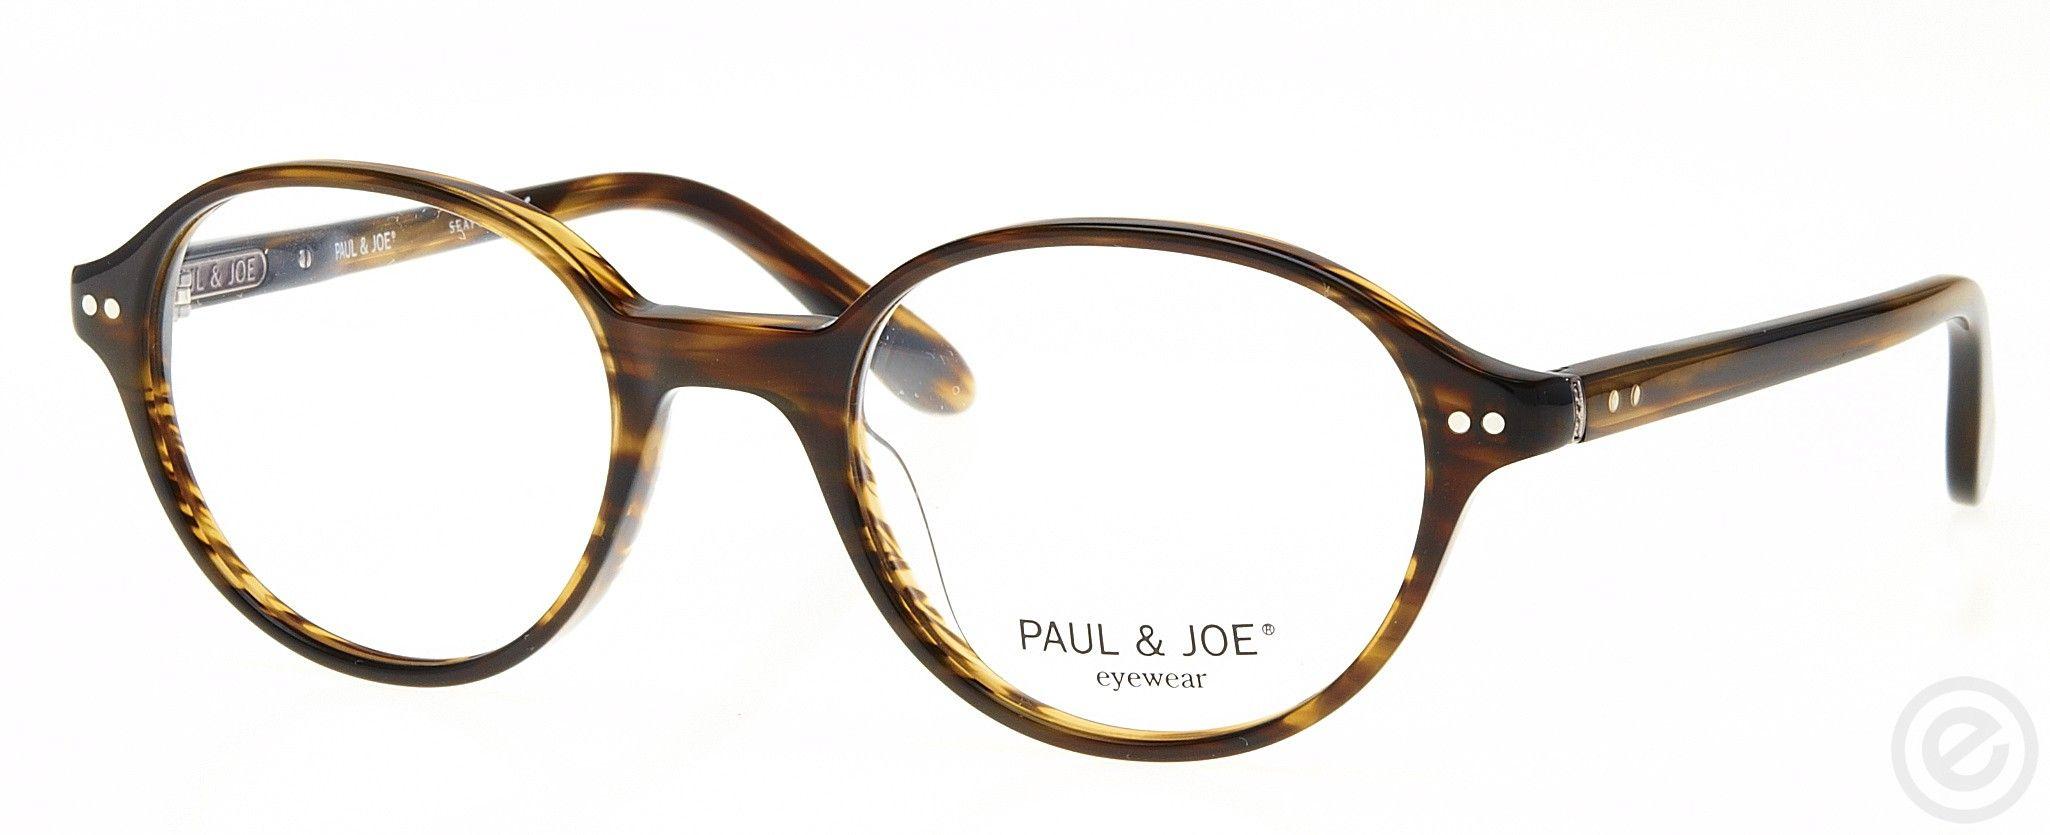 Paul Joe Bengali 23 Heren Brillen Bril Pinterest